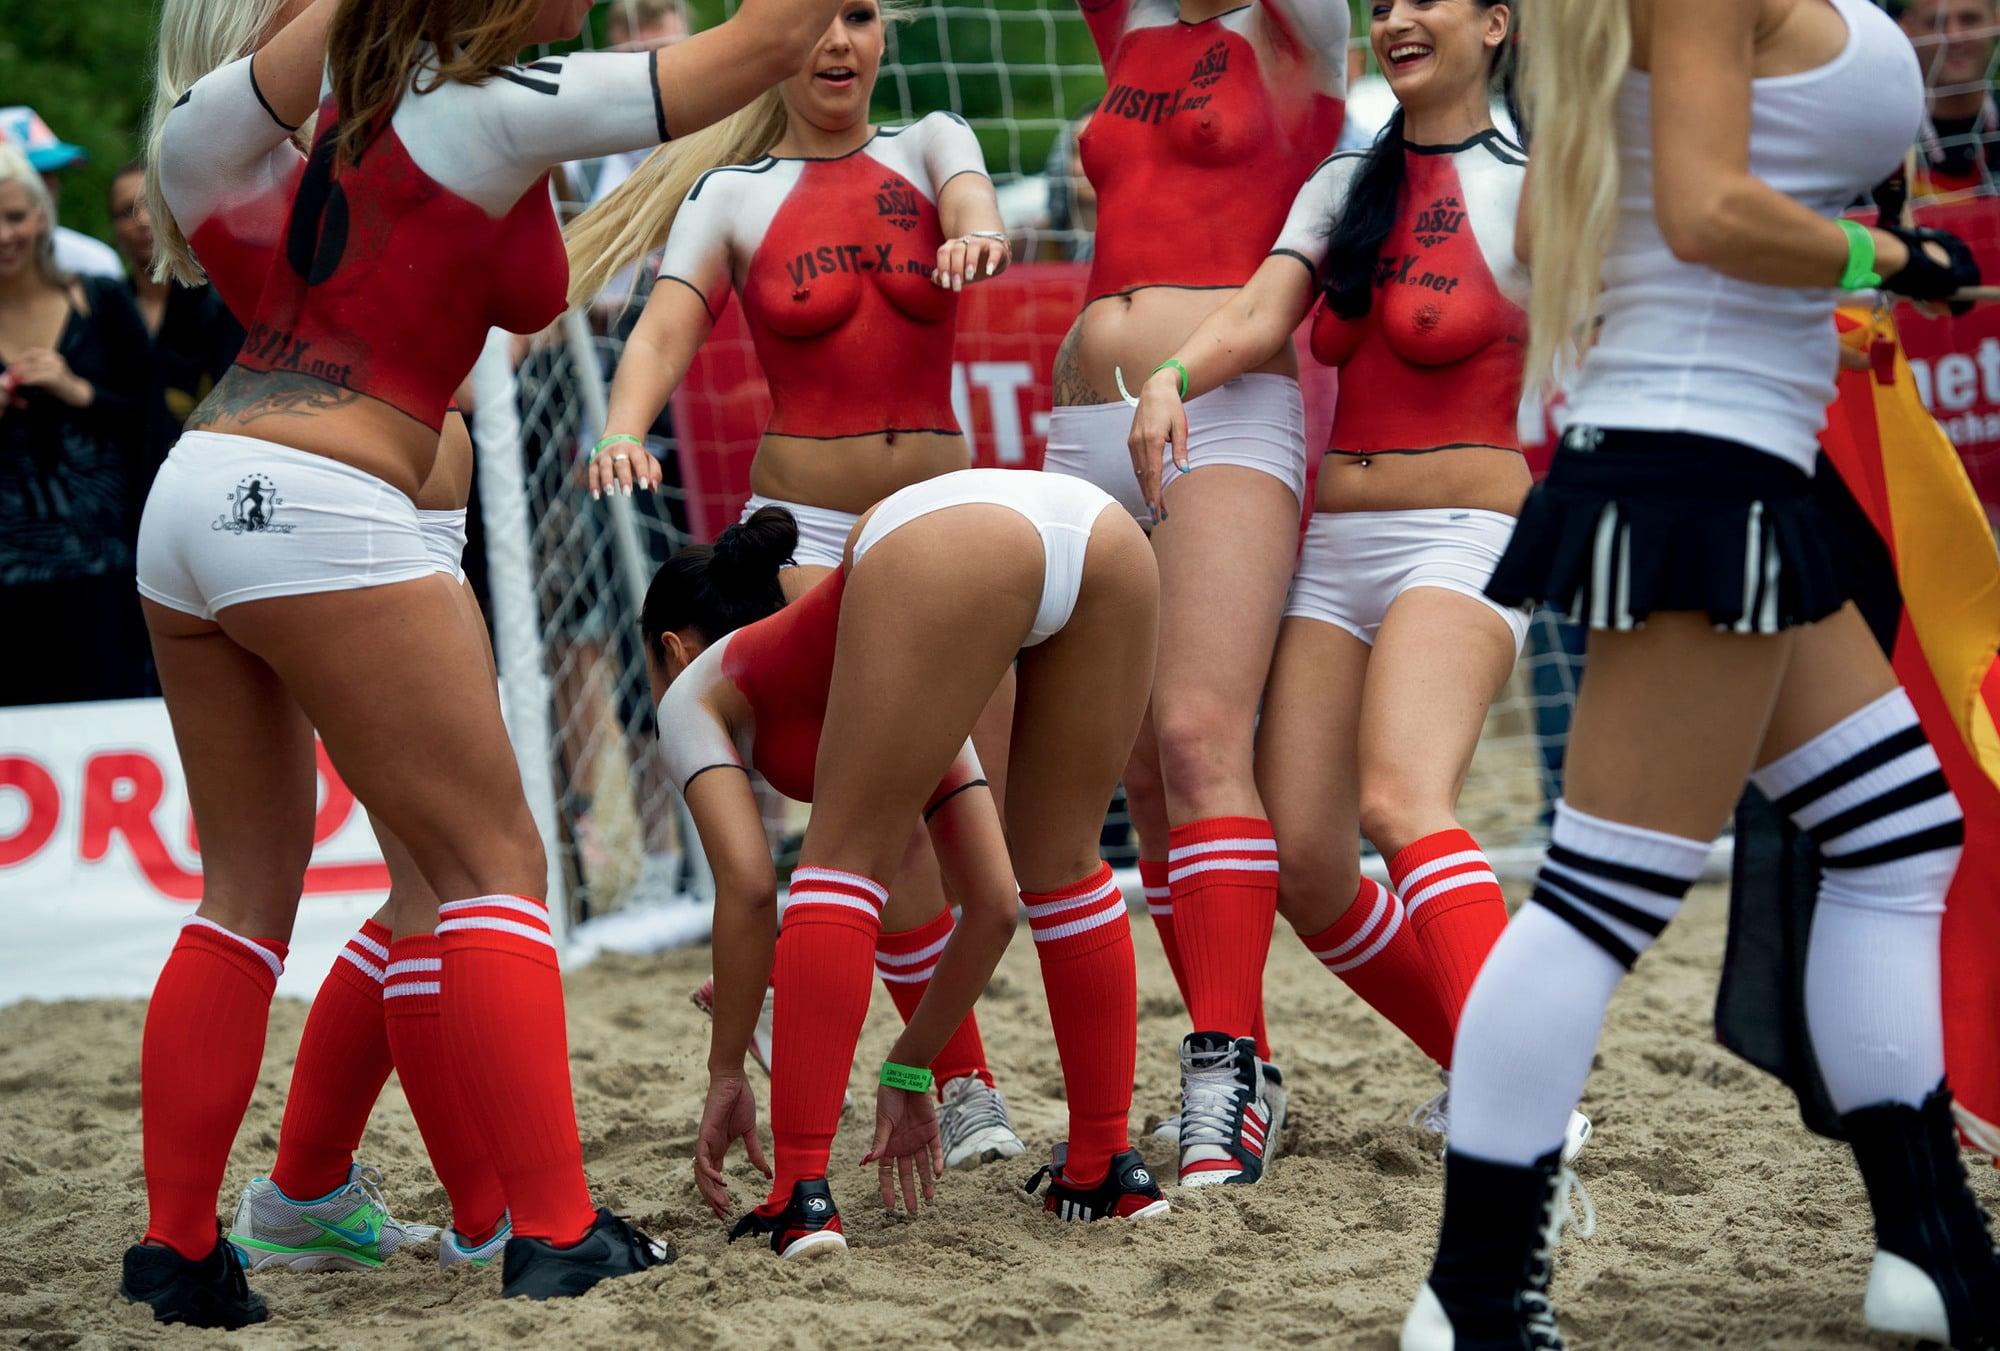 Фото футбольного матча между немецкими и датскими порно актрисами (24